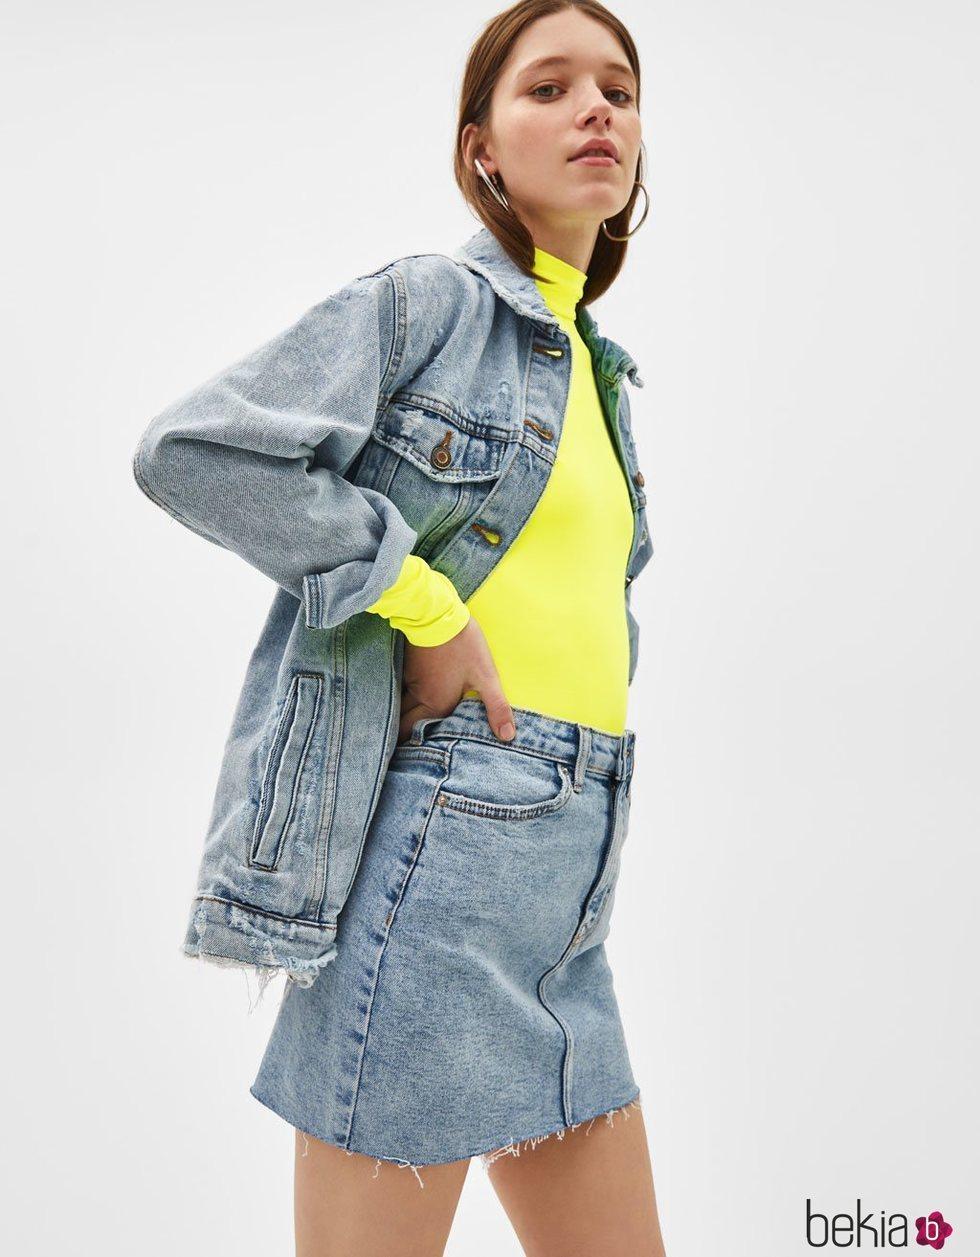 Modelo luciendo un conjunto tejano de la colección de primavera 2019 de Bershka